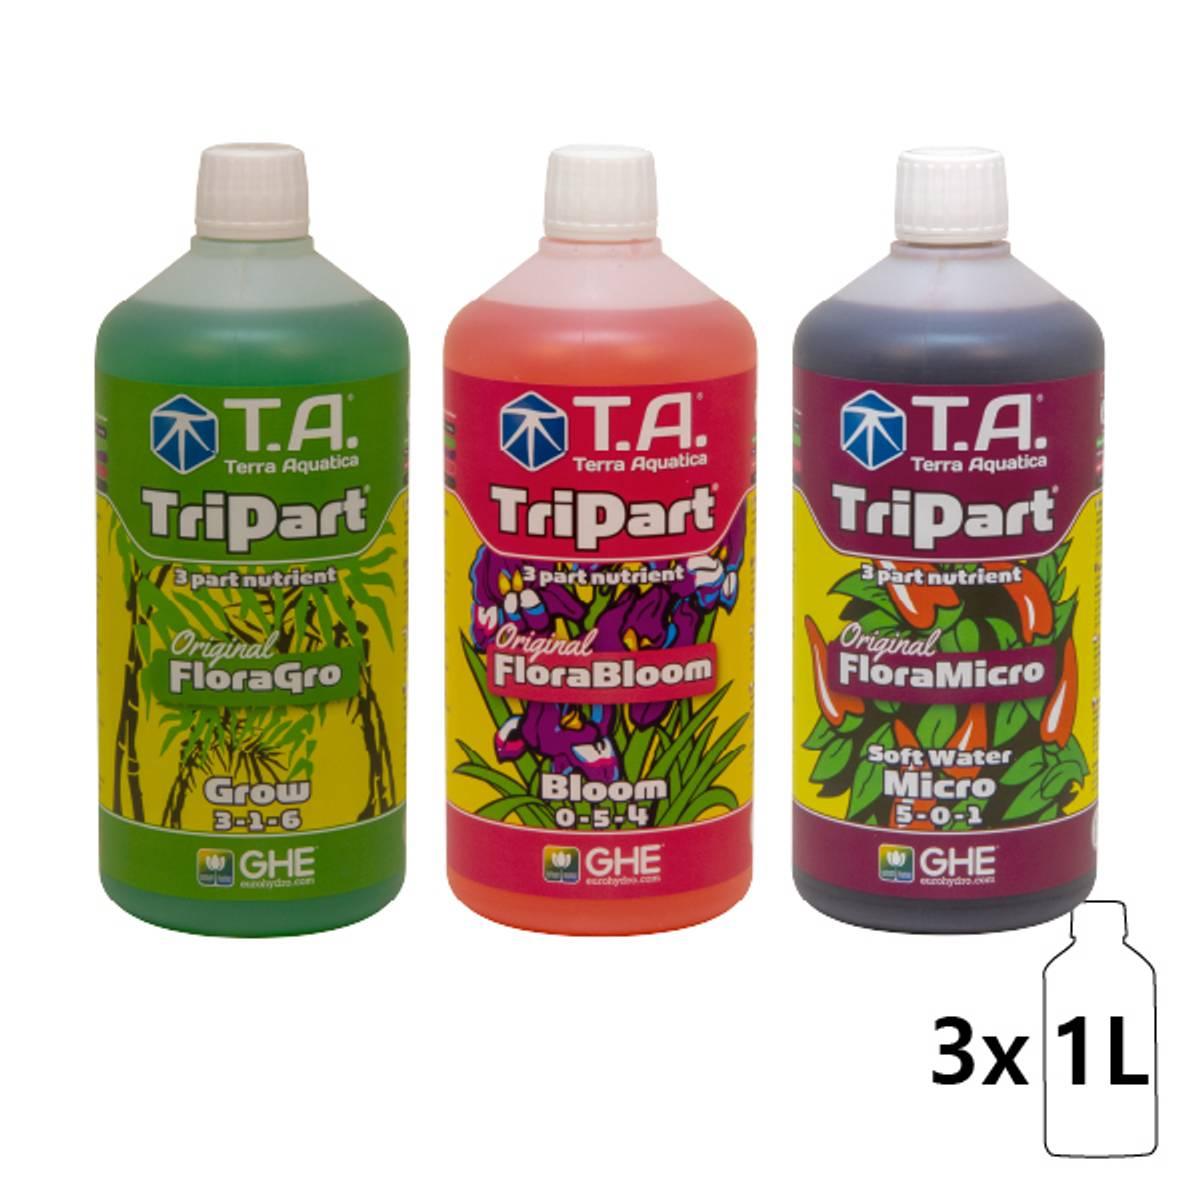 T.A Flora Serie 3 x 1 liter